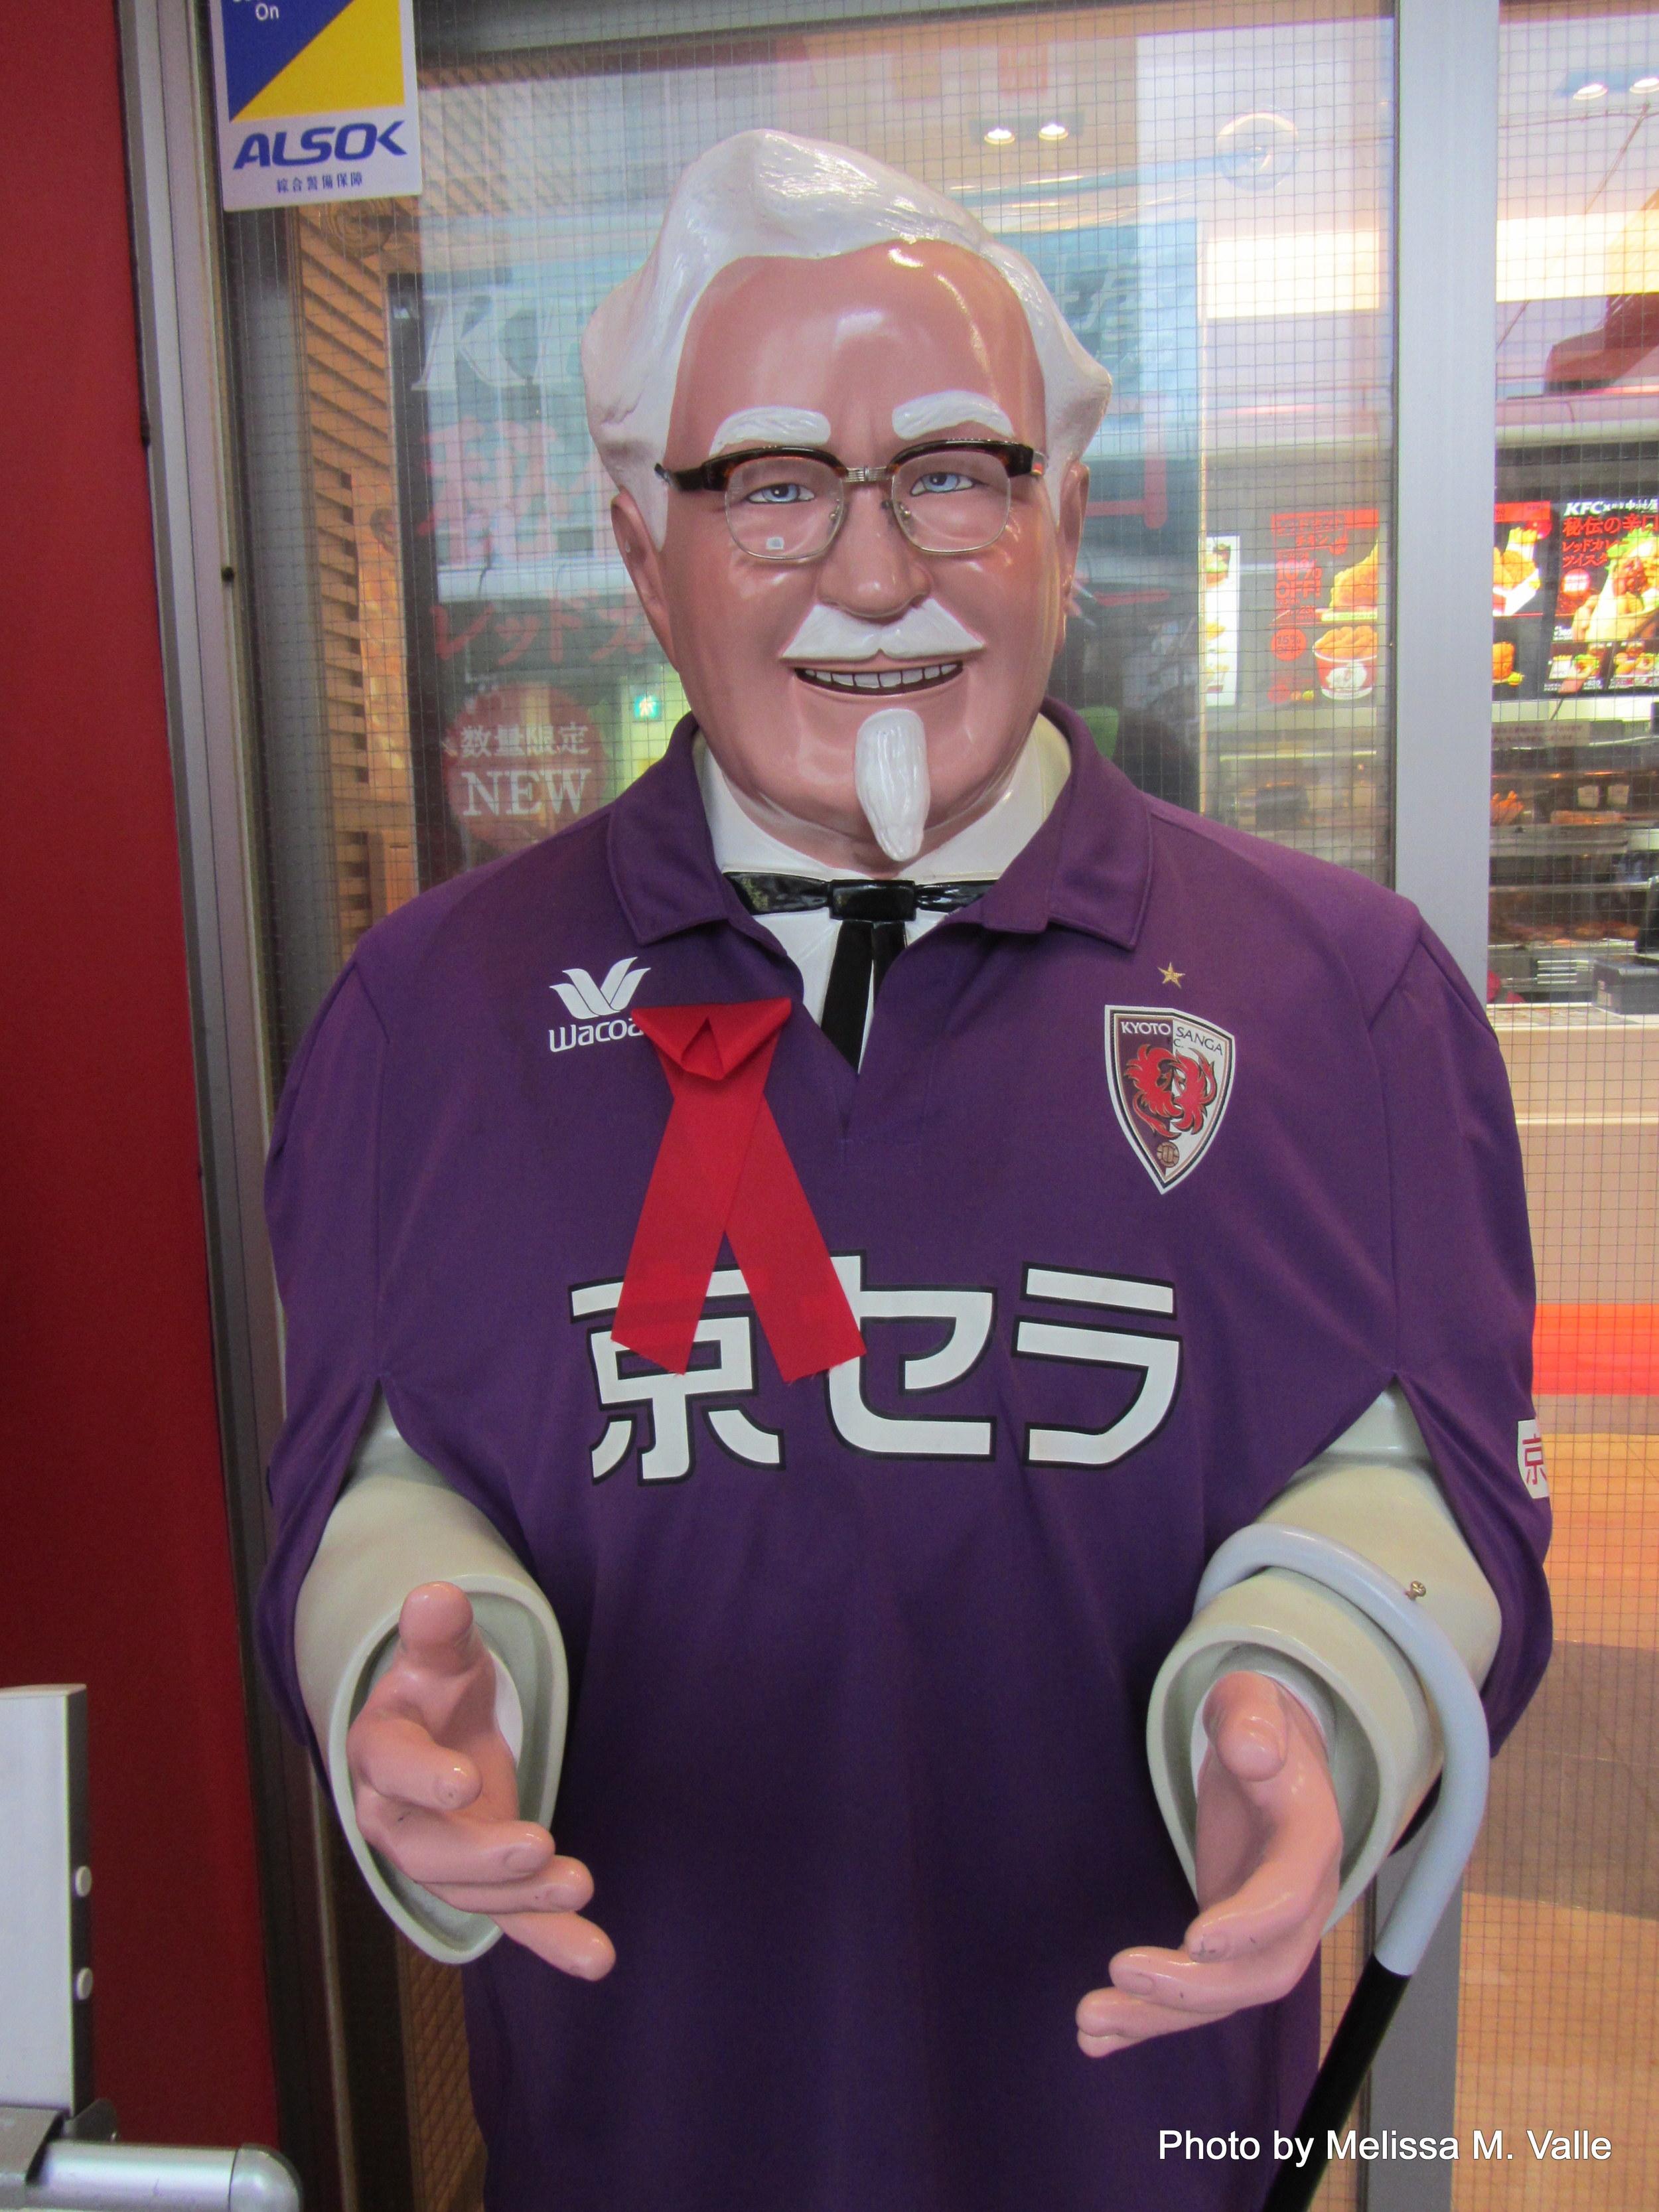 Colonel Sanders kyoto